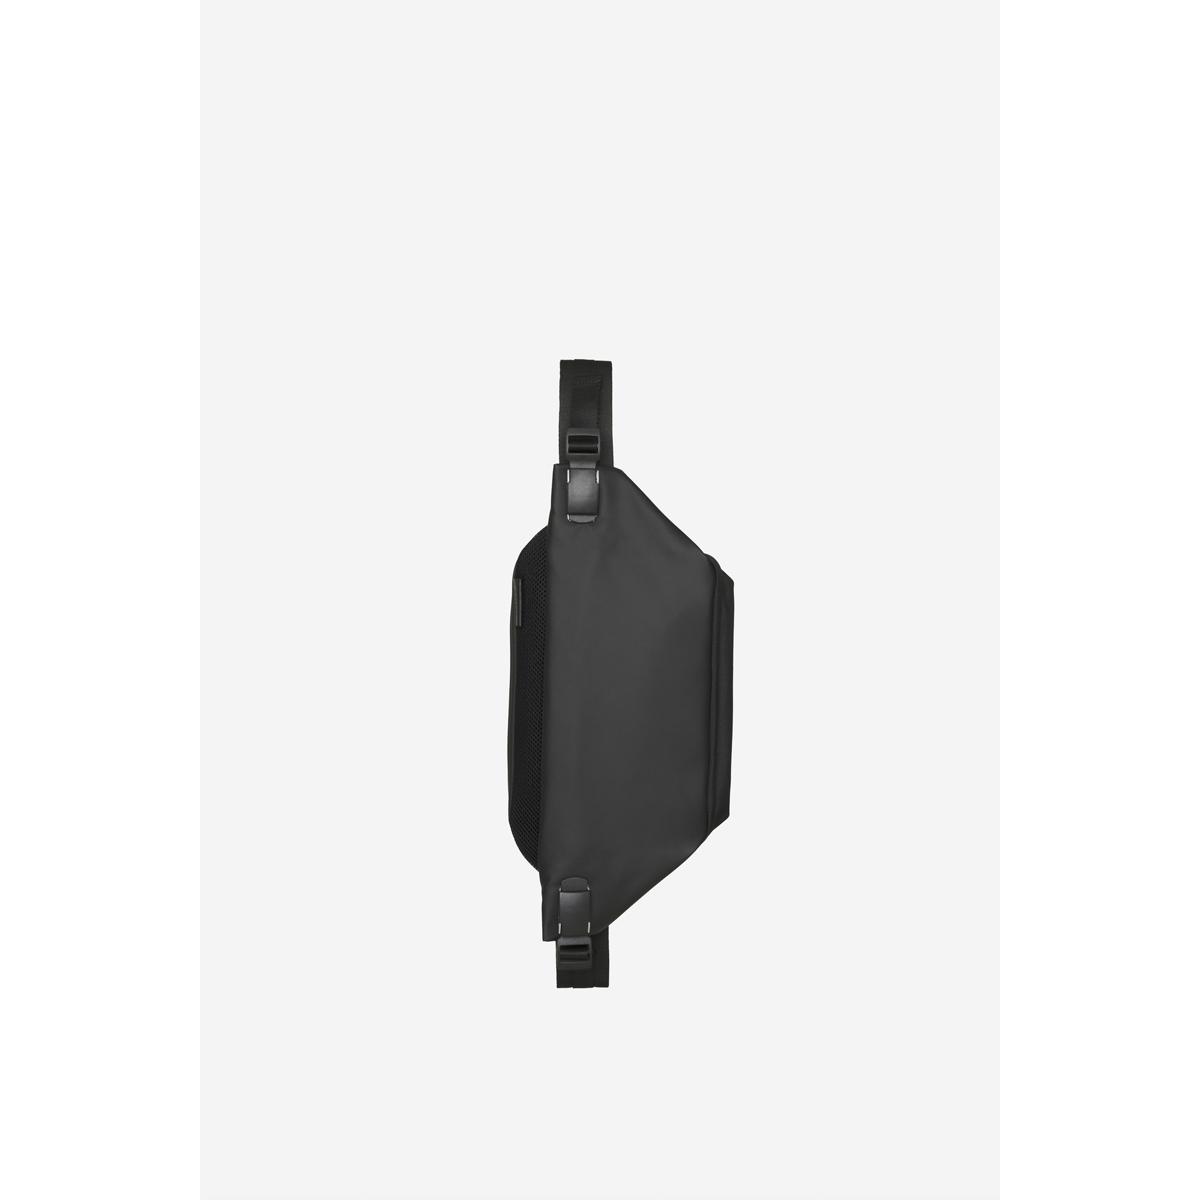 cote&ciel コートエシエル Isarau Obsidian Black ボディバッグ メッセンジャーバッグ ショルダーバッグ iPad収納 コートアンドシエル コートシエル